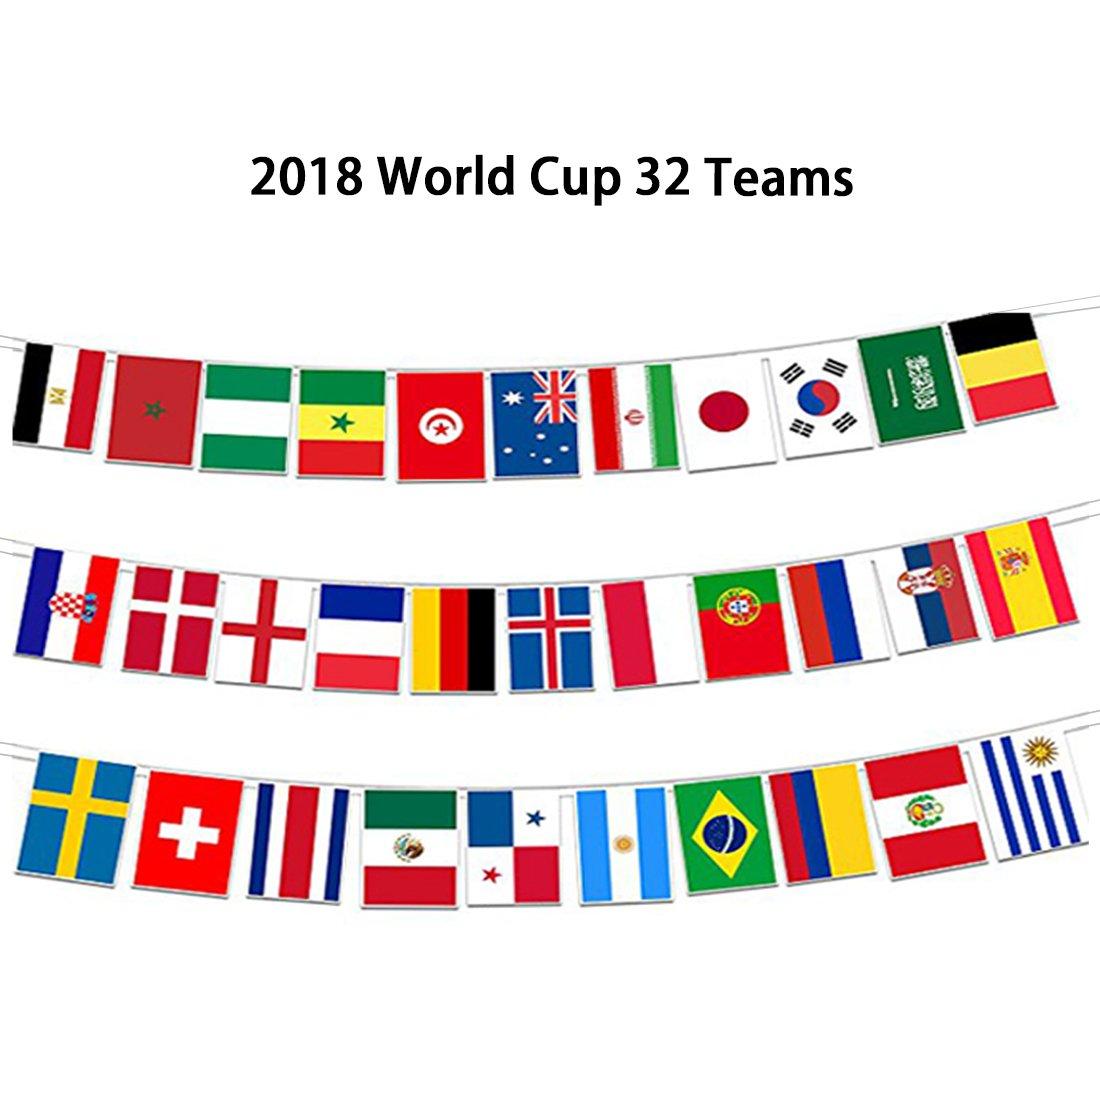 Banderines de la Copa Mundial de Dayoly 2018 con banderas rusas de fútbol, 10, 5 m, 7, 8 x 11 pulgadas, tamaño grande, juego de 32 banderas de campo, ...